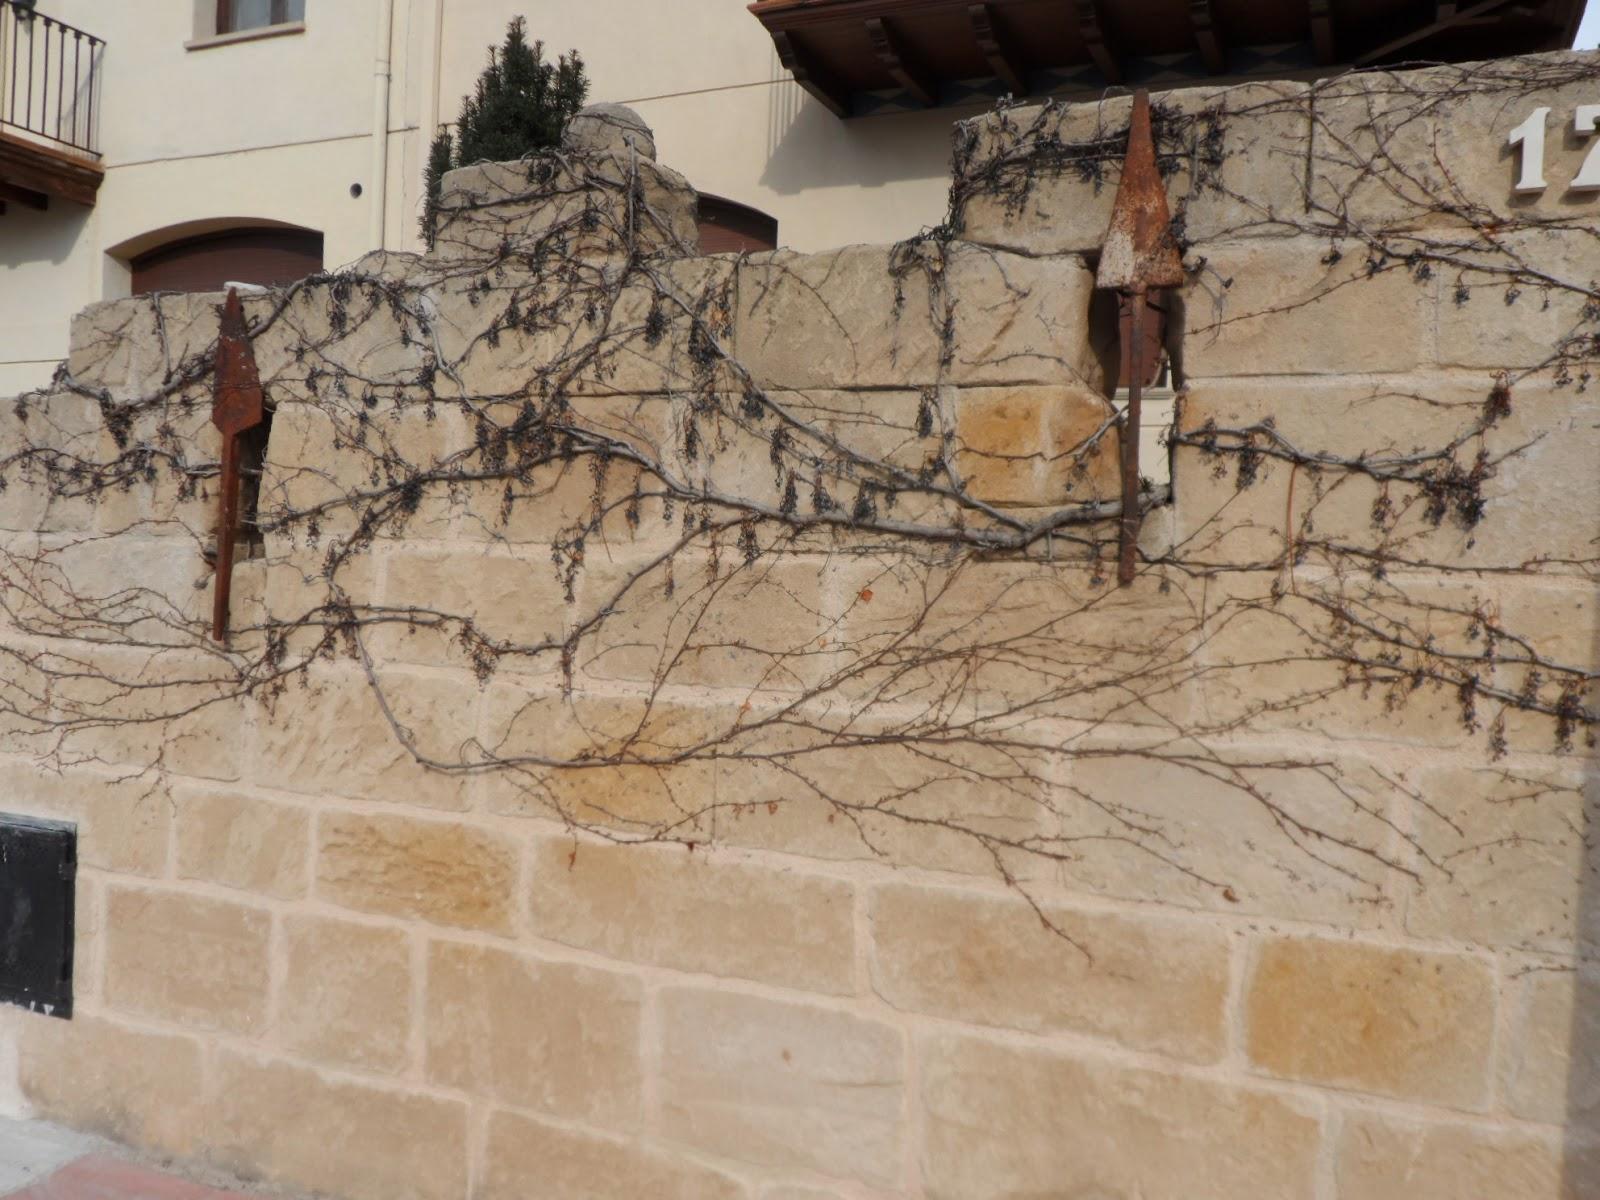 Muros piedra artificial estecha reproducciones - Tipos de muros de piedra ...